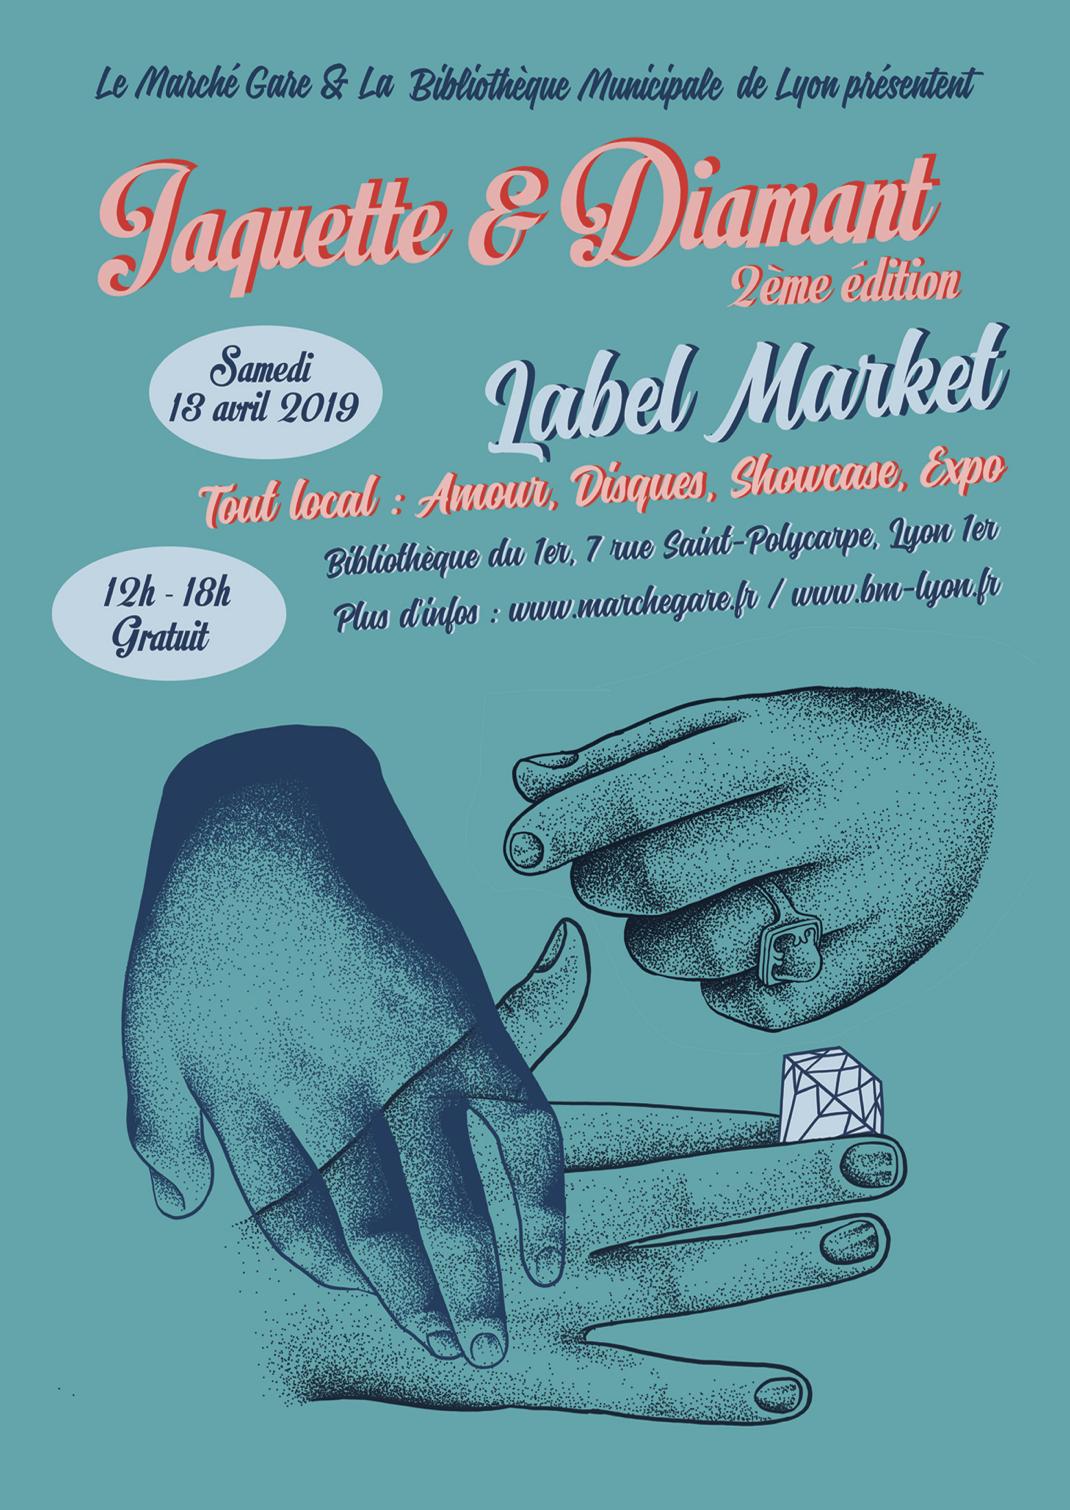 Jacquette et diamant - samedi 13 avril à la Bibliothèque du 1er